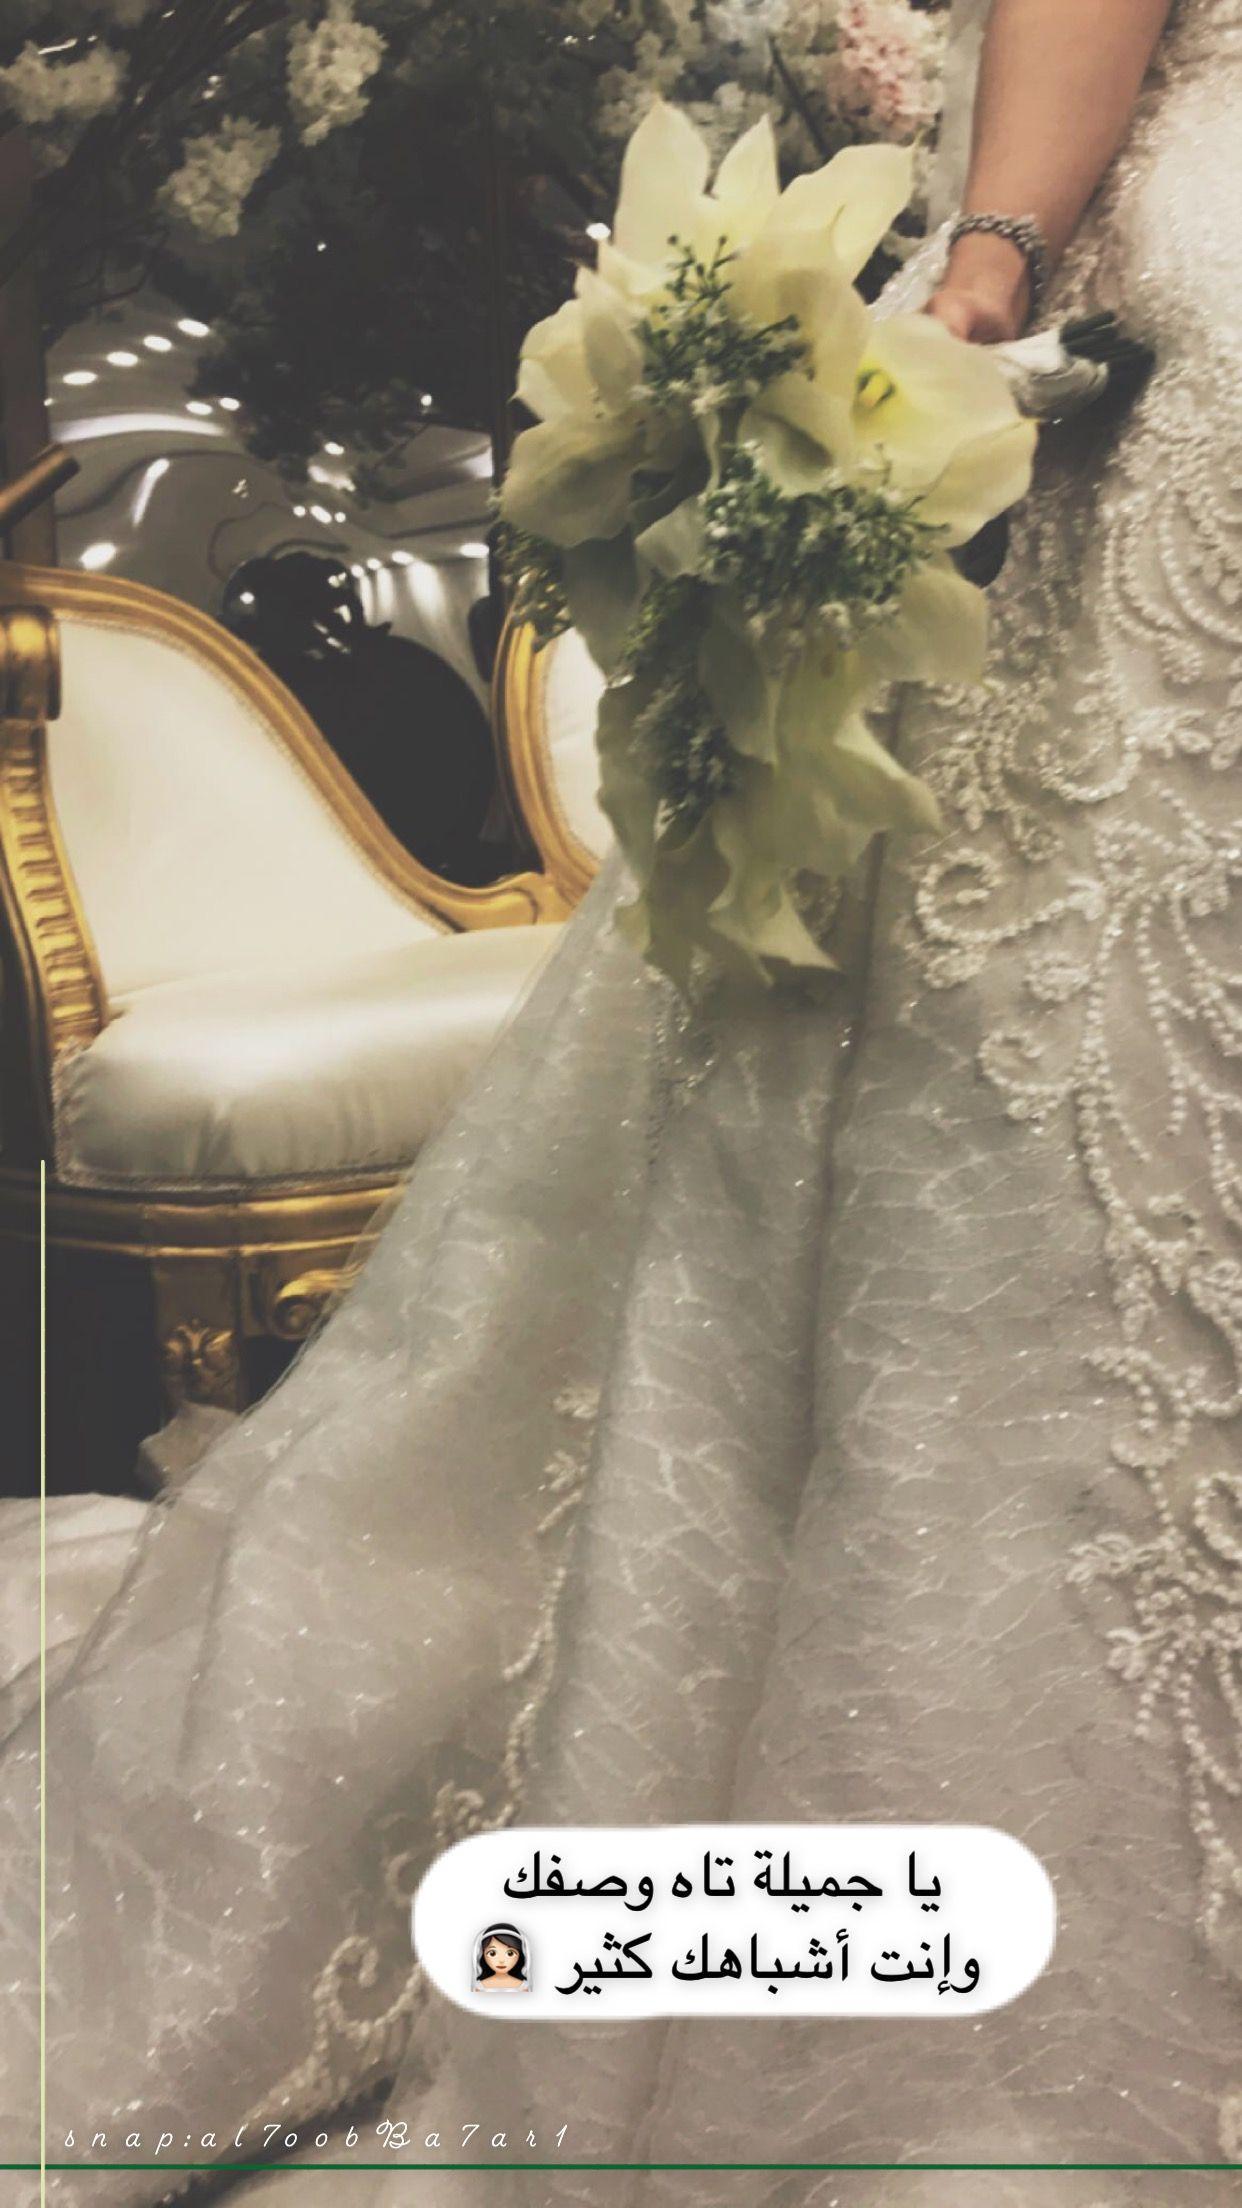 همسة يا جميلة تاه وصفك وإنت أشباهك كثير تصويري تصويري سناب تصميمي تصميم زواج عرس زفاف صديقتي Arabian Wedding Arab Wedding Bride Quotes